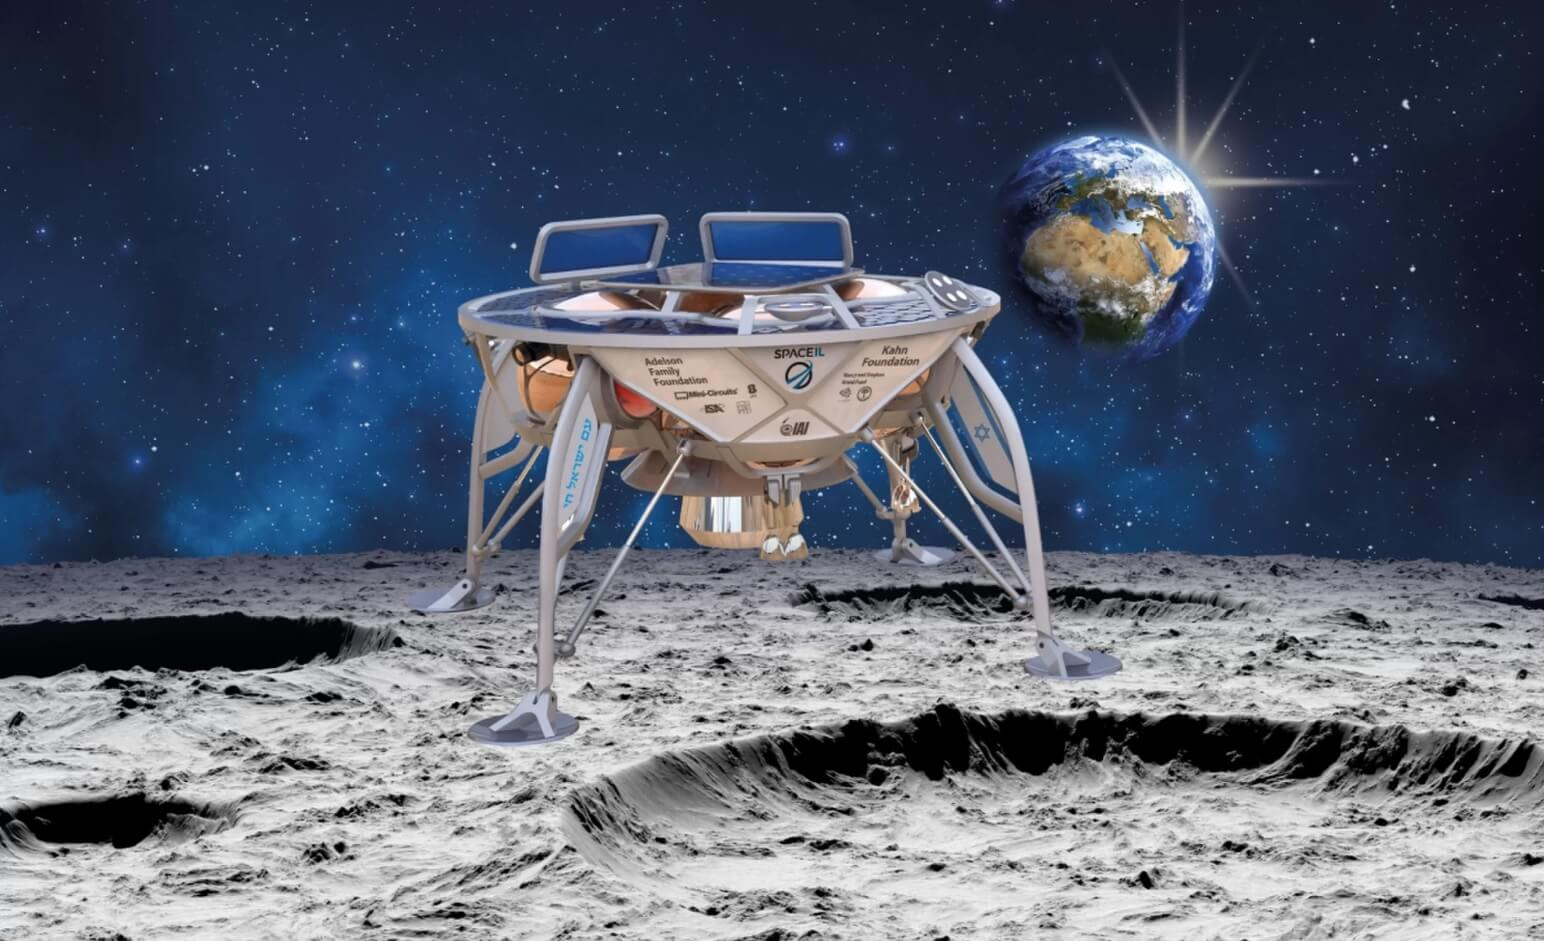 До конца этого года Израиль хочет отправить на Луну посадочный модуль